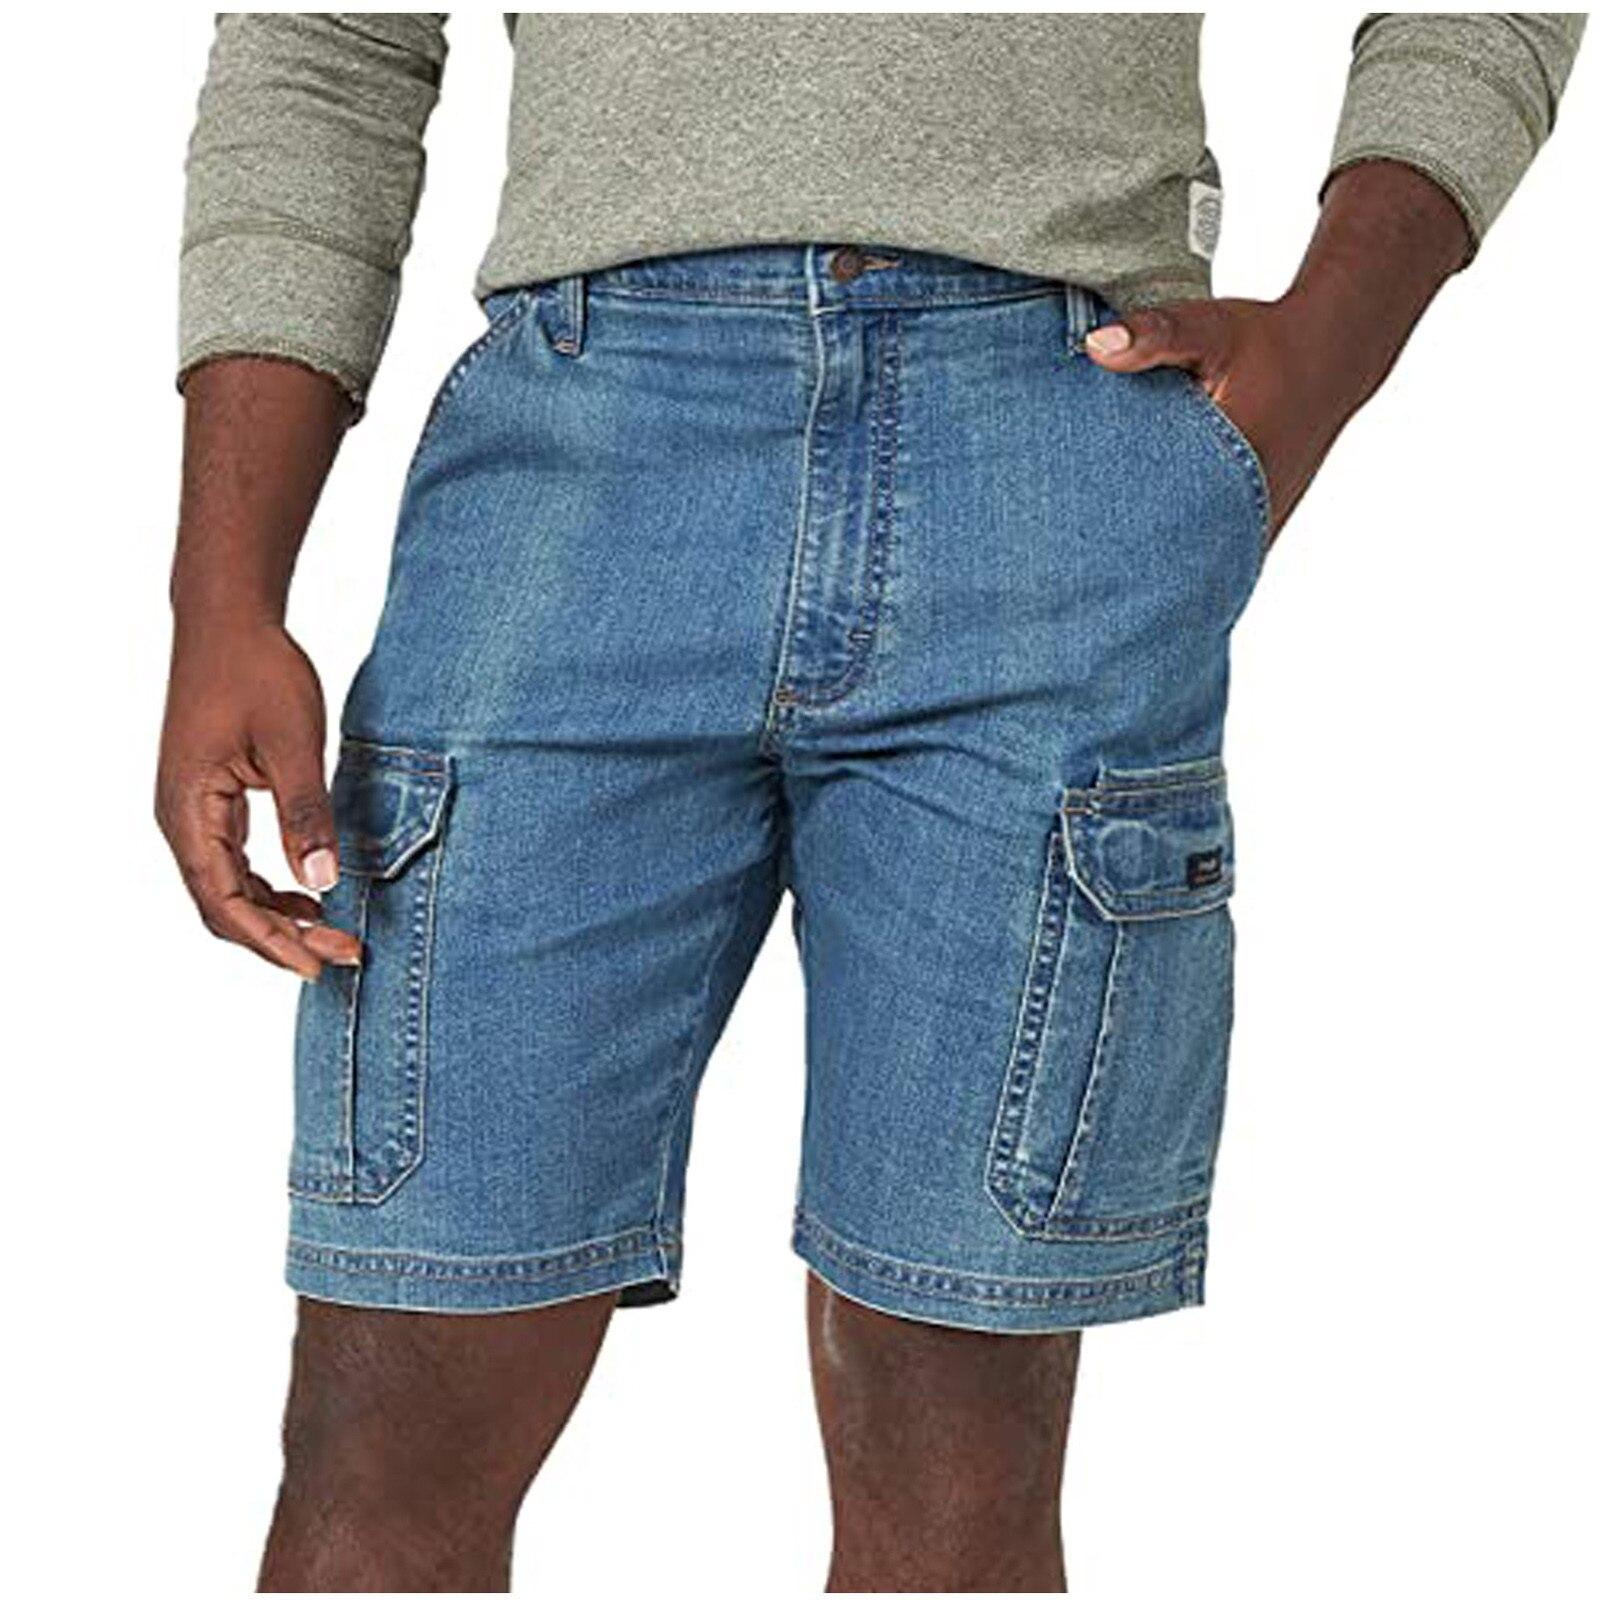 Мужские джинсовые шорты, повседневные хлопковые шорты, модные облегающие деловые повседневные джинсовые шорты, летние шорты, Новинка лета ... hope collection повседневные шорты